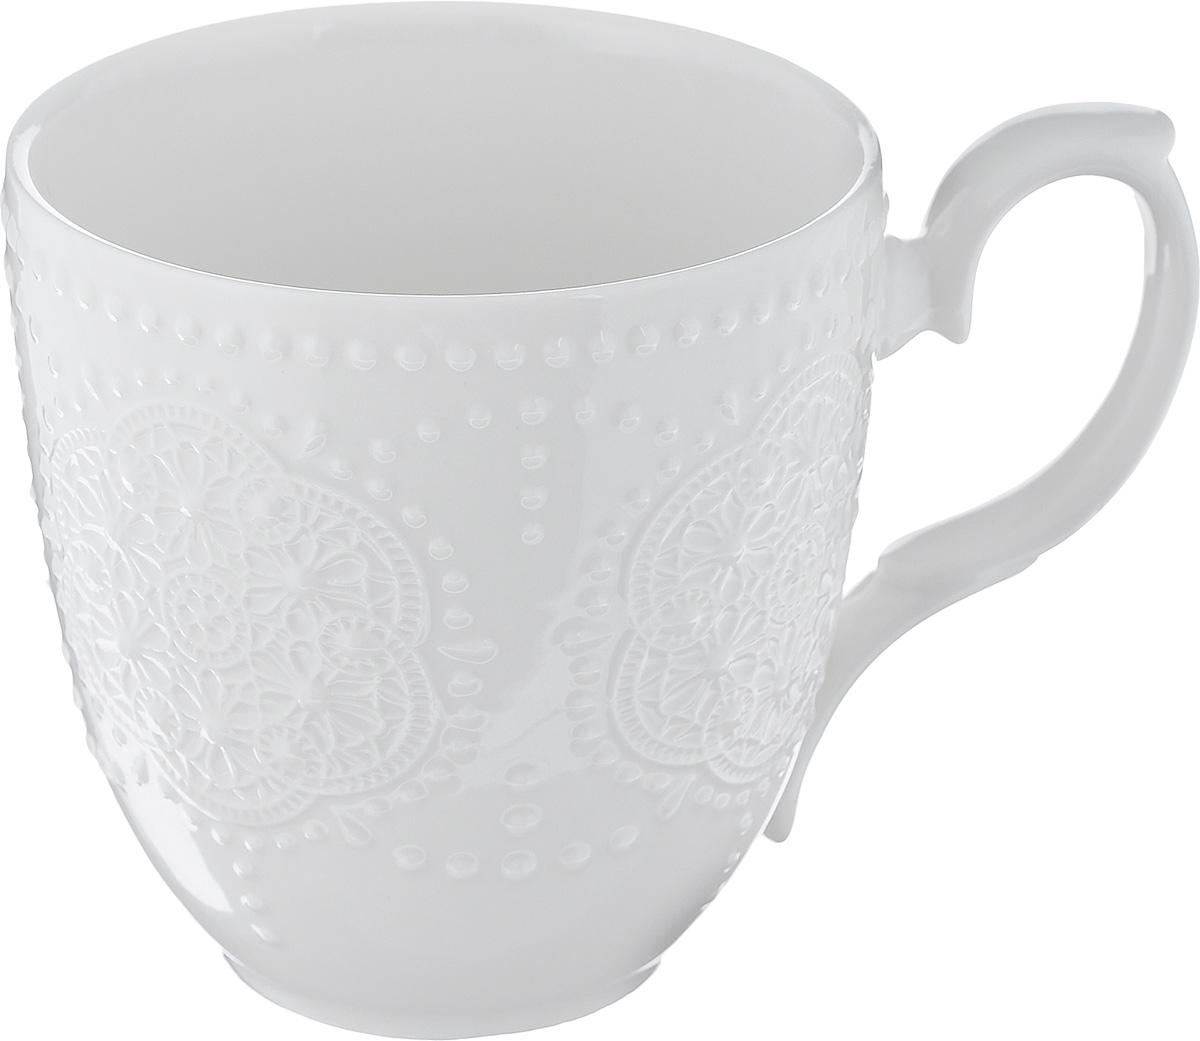 Кружка Walmer Vivien, цвет: белый, 350 мл горшок для запекания walmer classic цвет белый диаметр 12 см